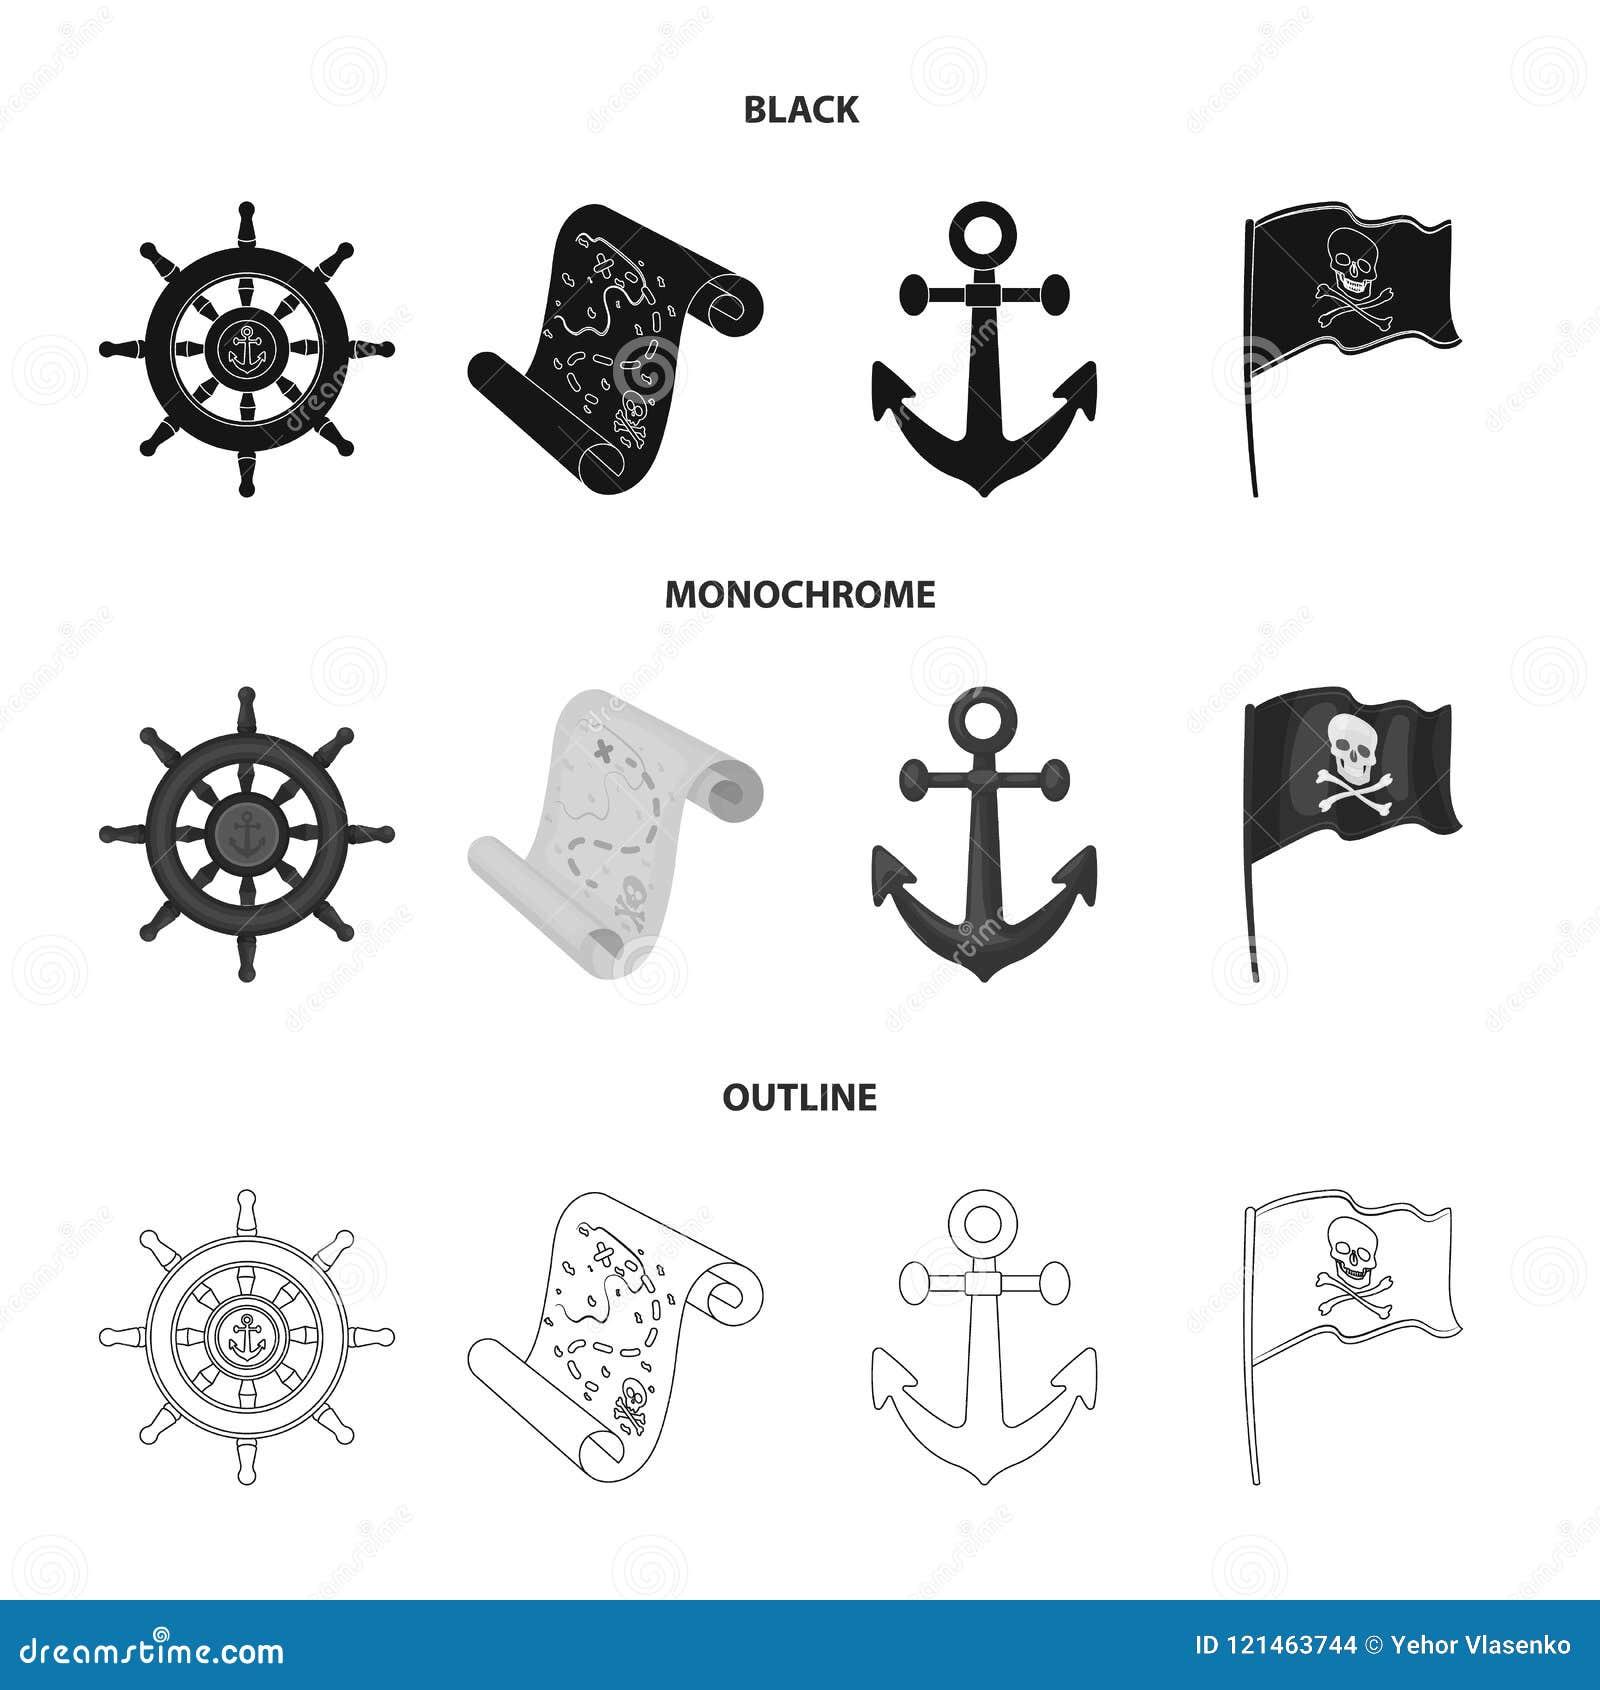 Piraat, bandiet, leidraad, vlag De piraten plaatsen inzamelingspictogrammen in zwarte, zwart-wit, vector het symboolvoorraad van